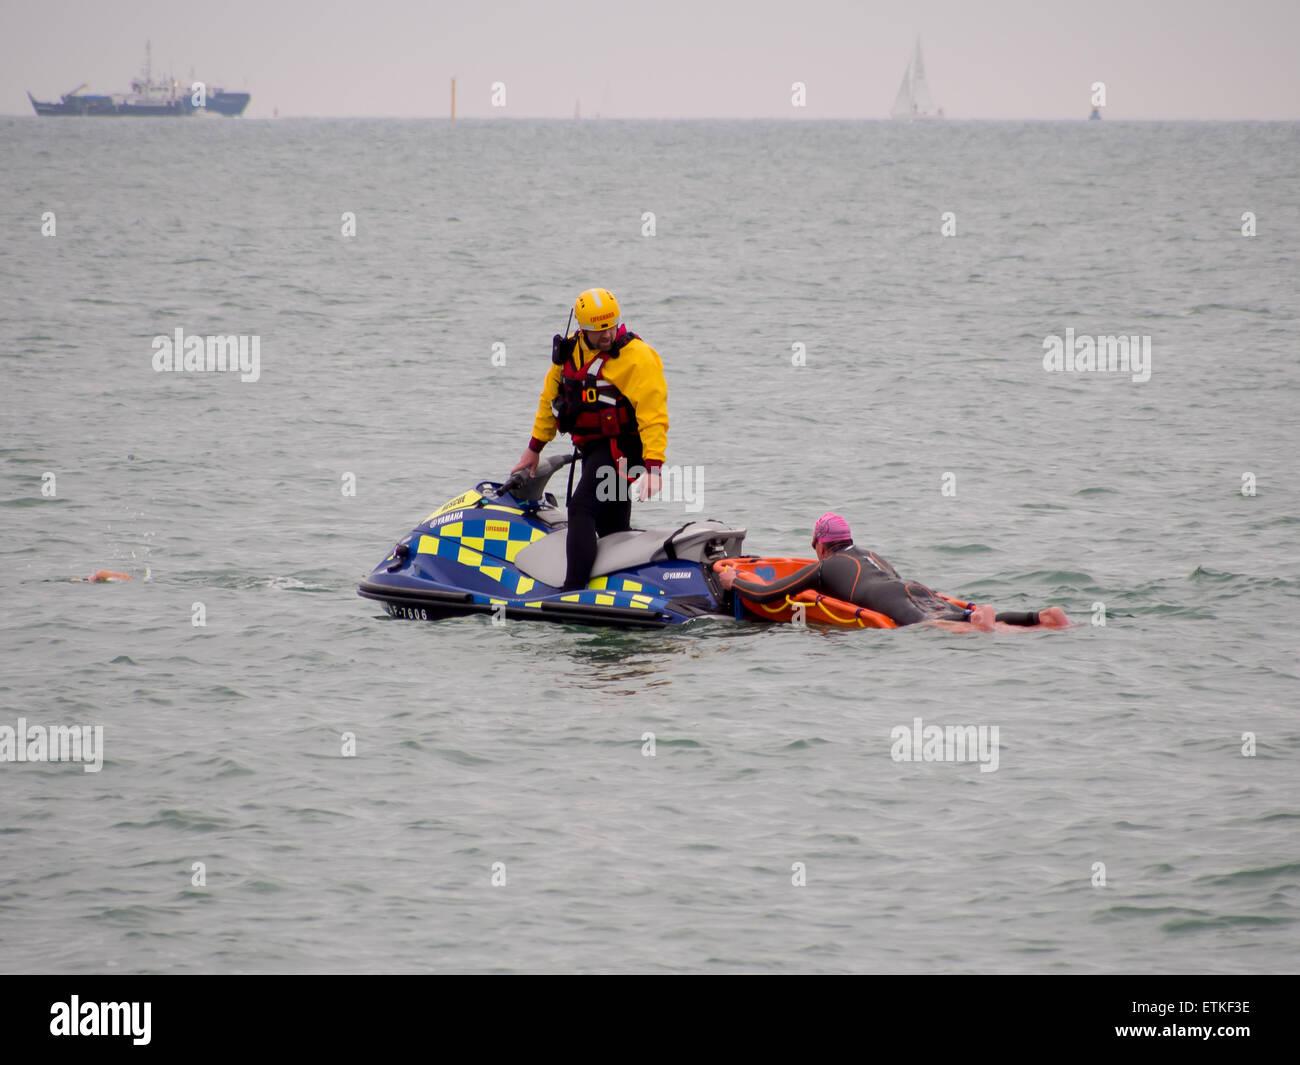 Un socorrista de una moto de agua ayuda a un nadador que está en dificultad, durante un evento en el Solent Imagen De Stock